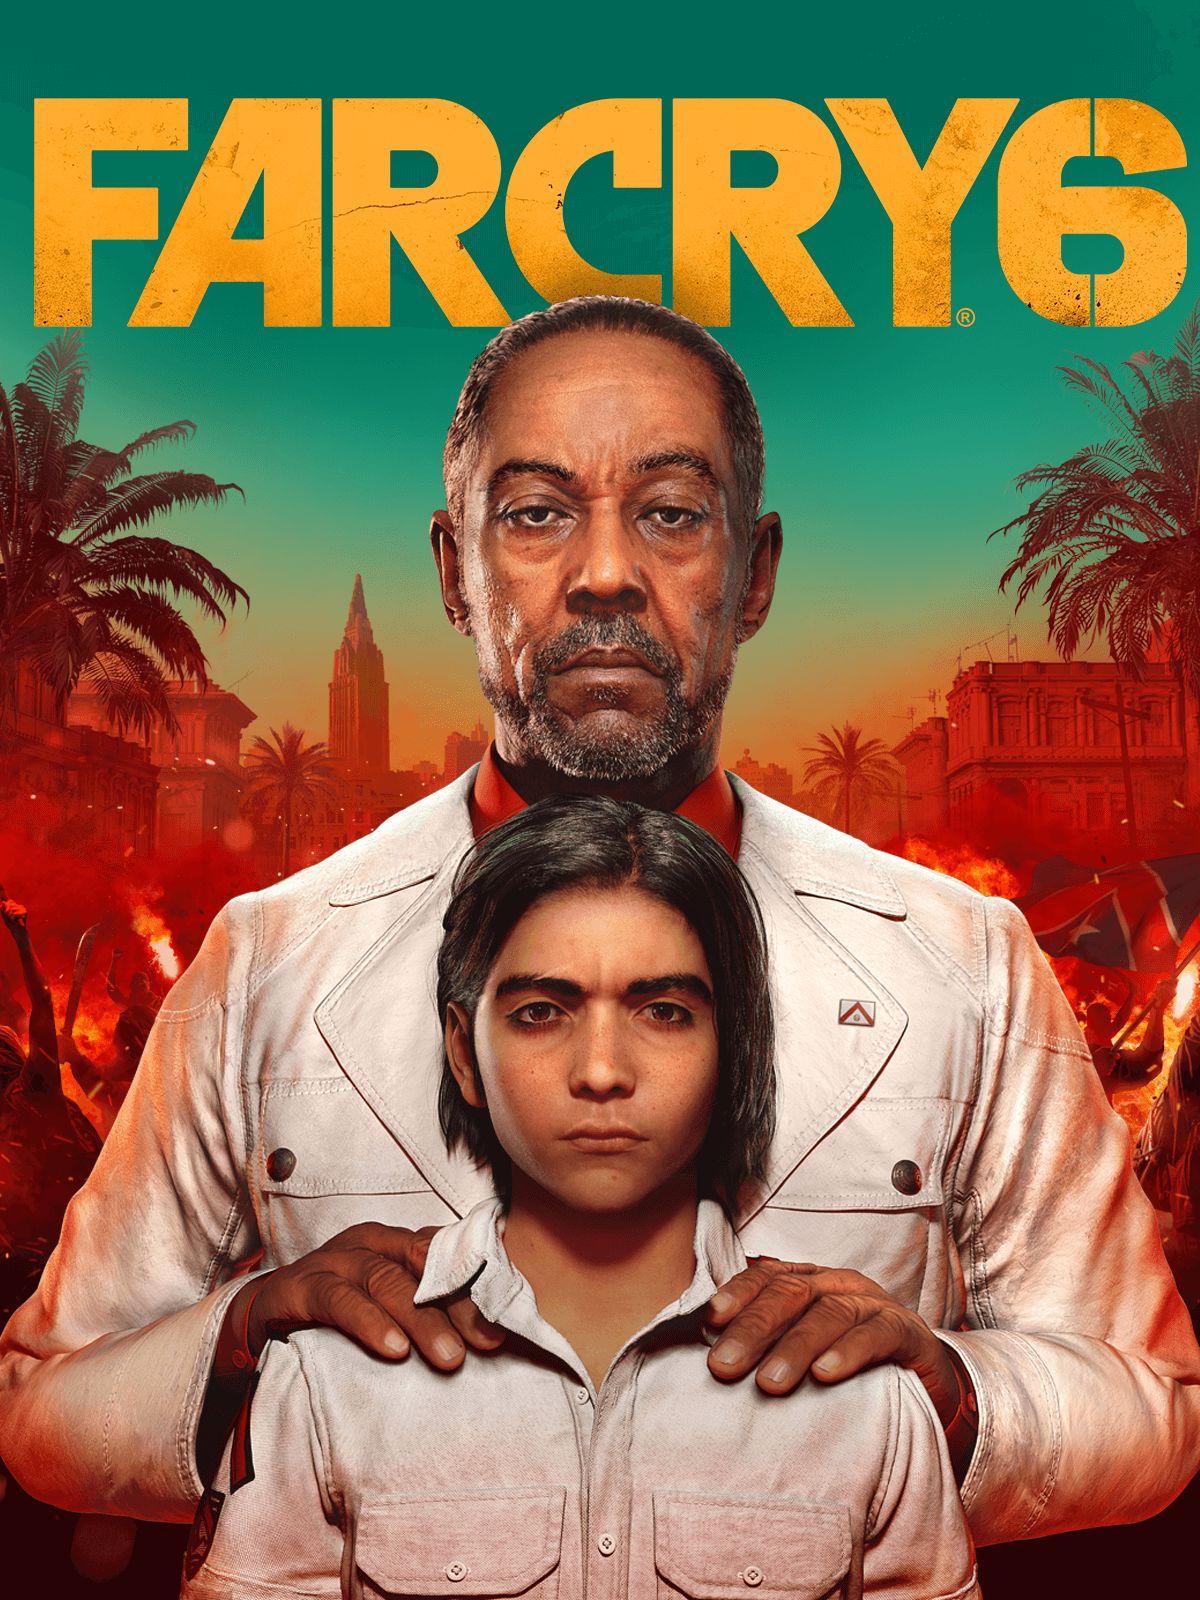 Постер Far Cry 6